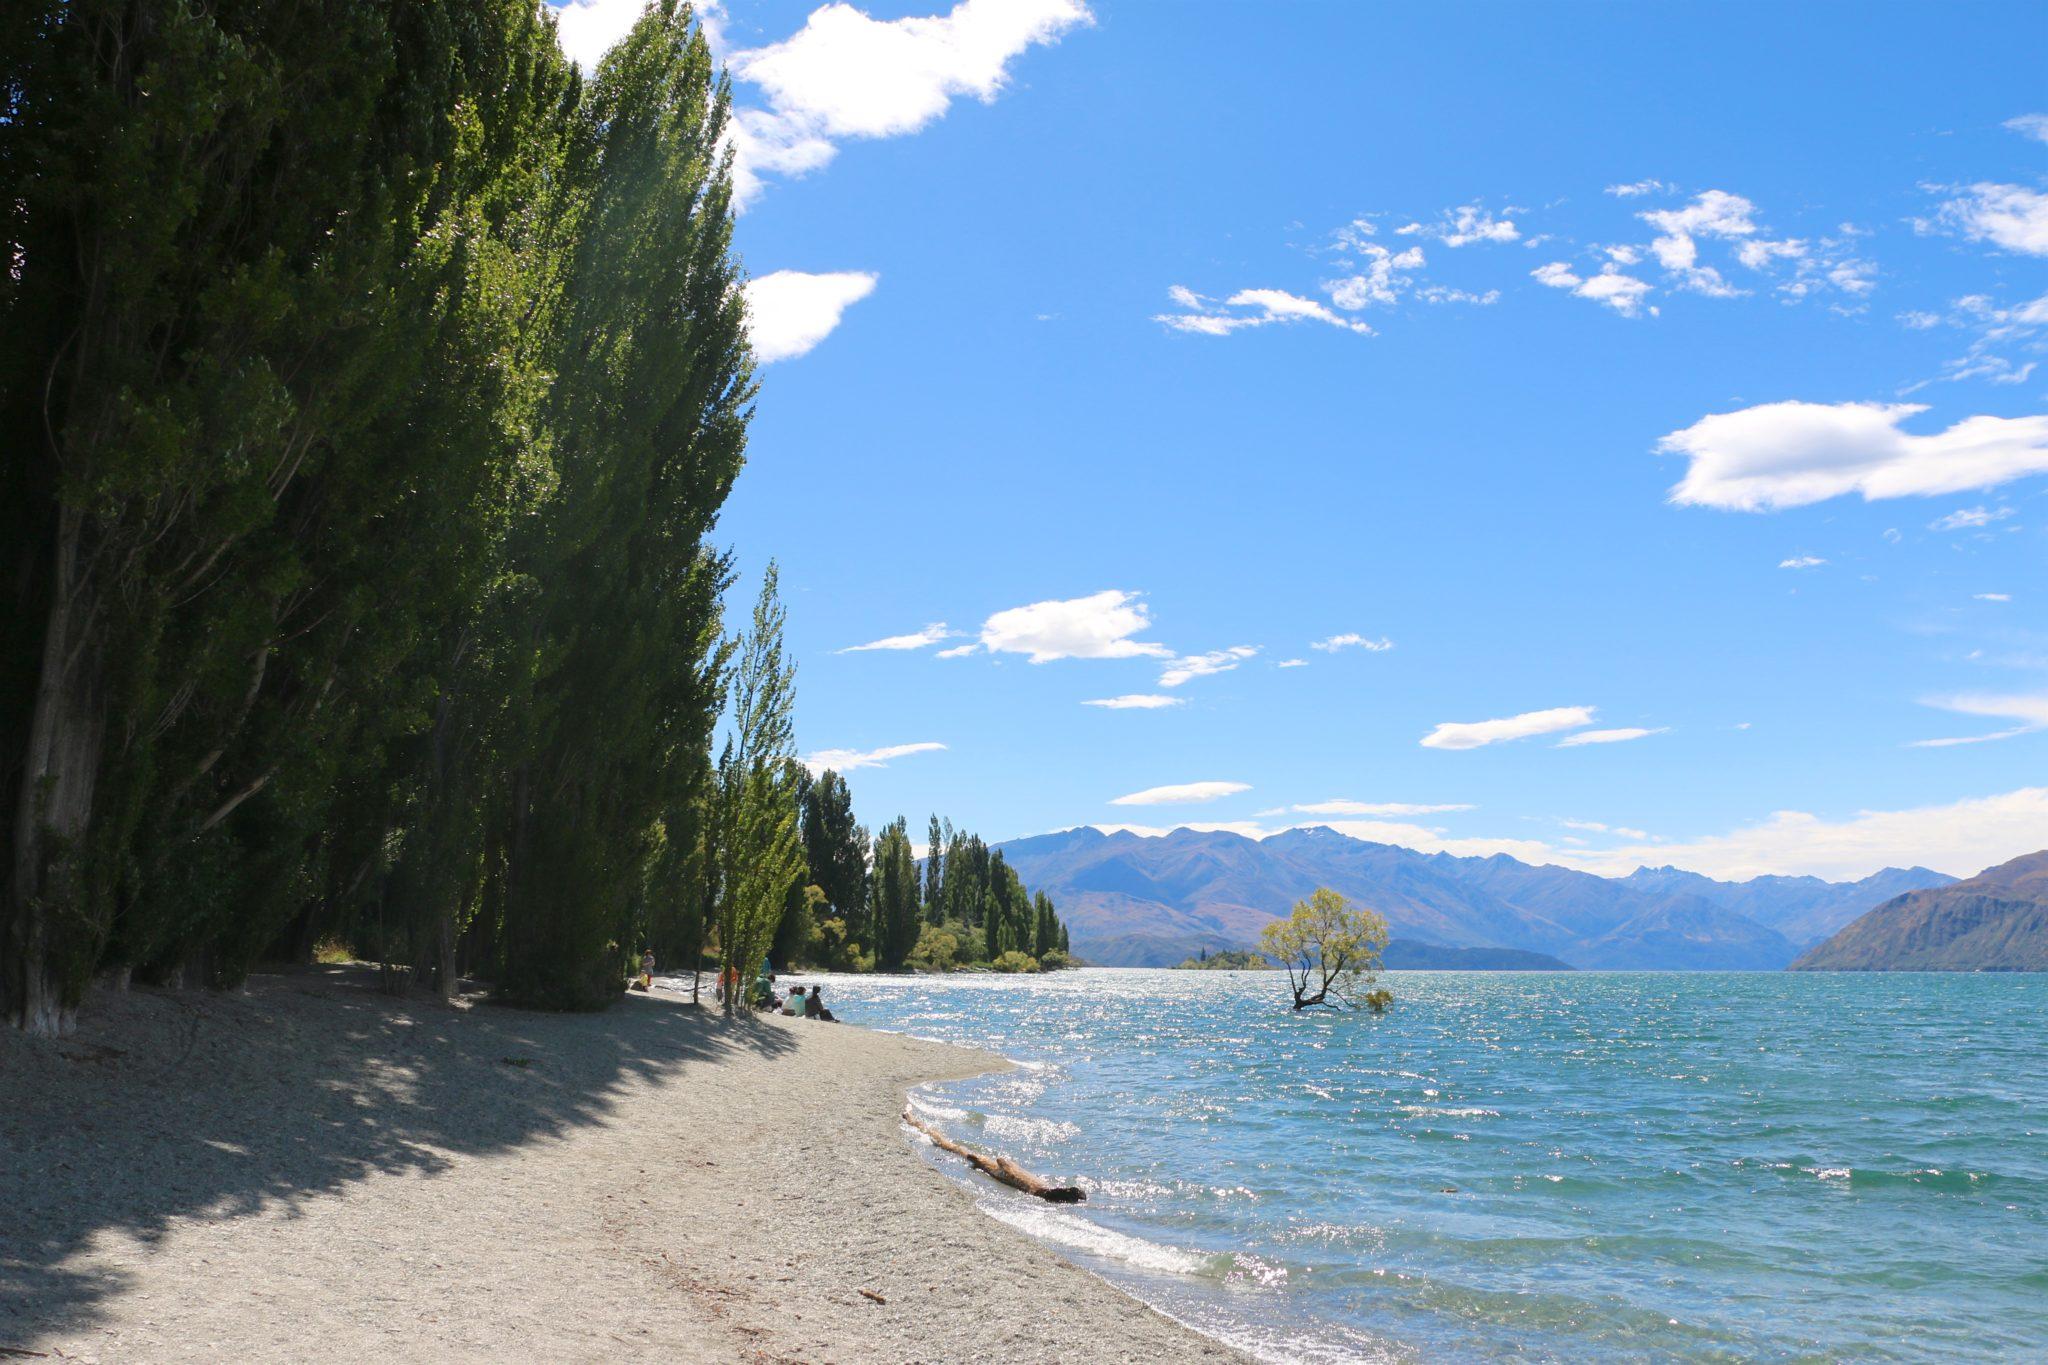 The Lone Tree of Wanaka Lake